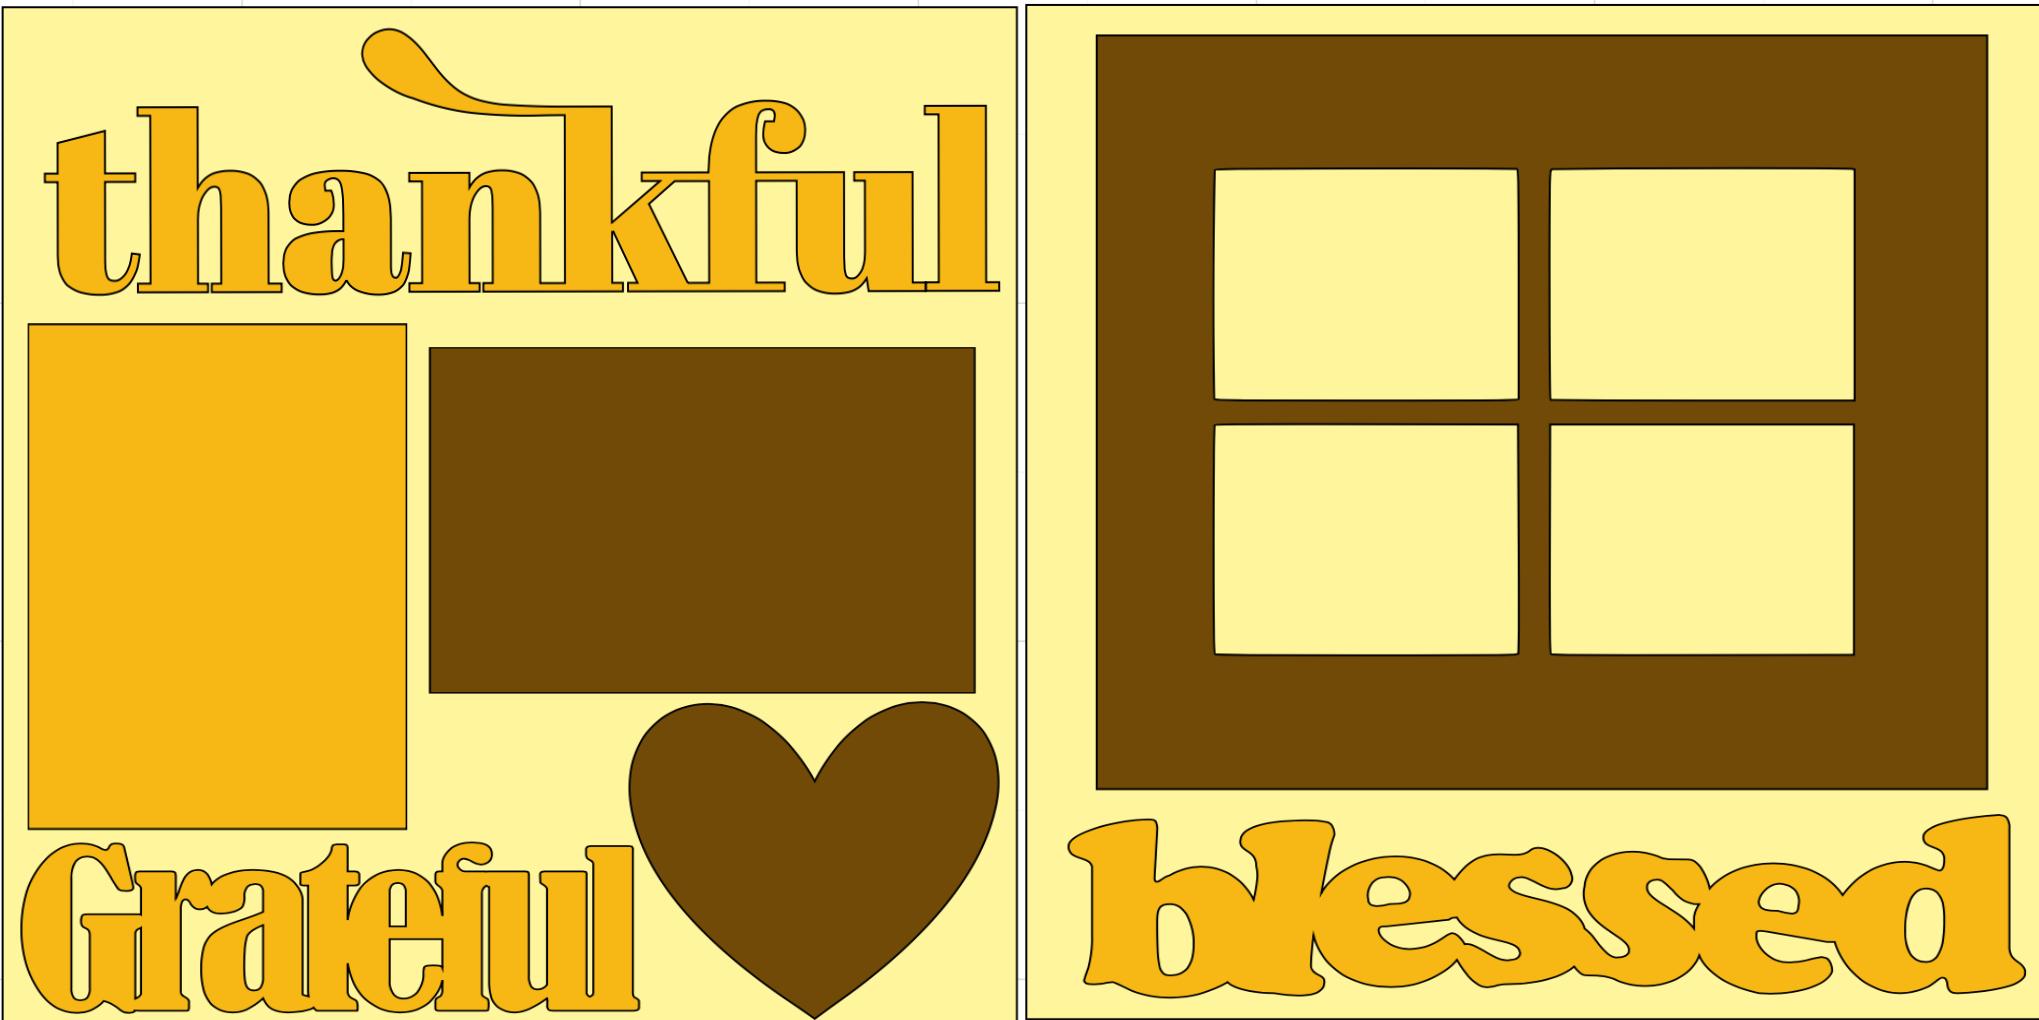 Thankful-grateful- page kit